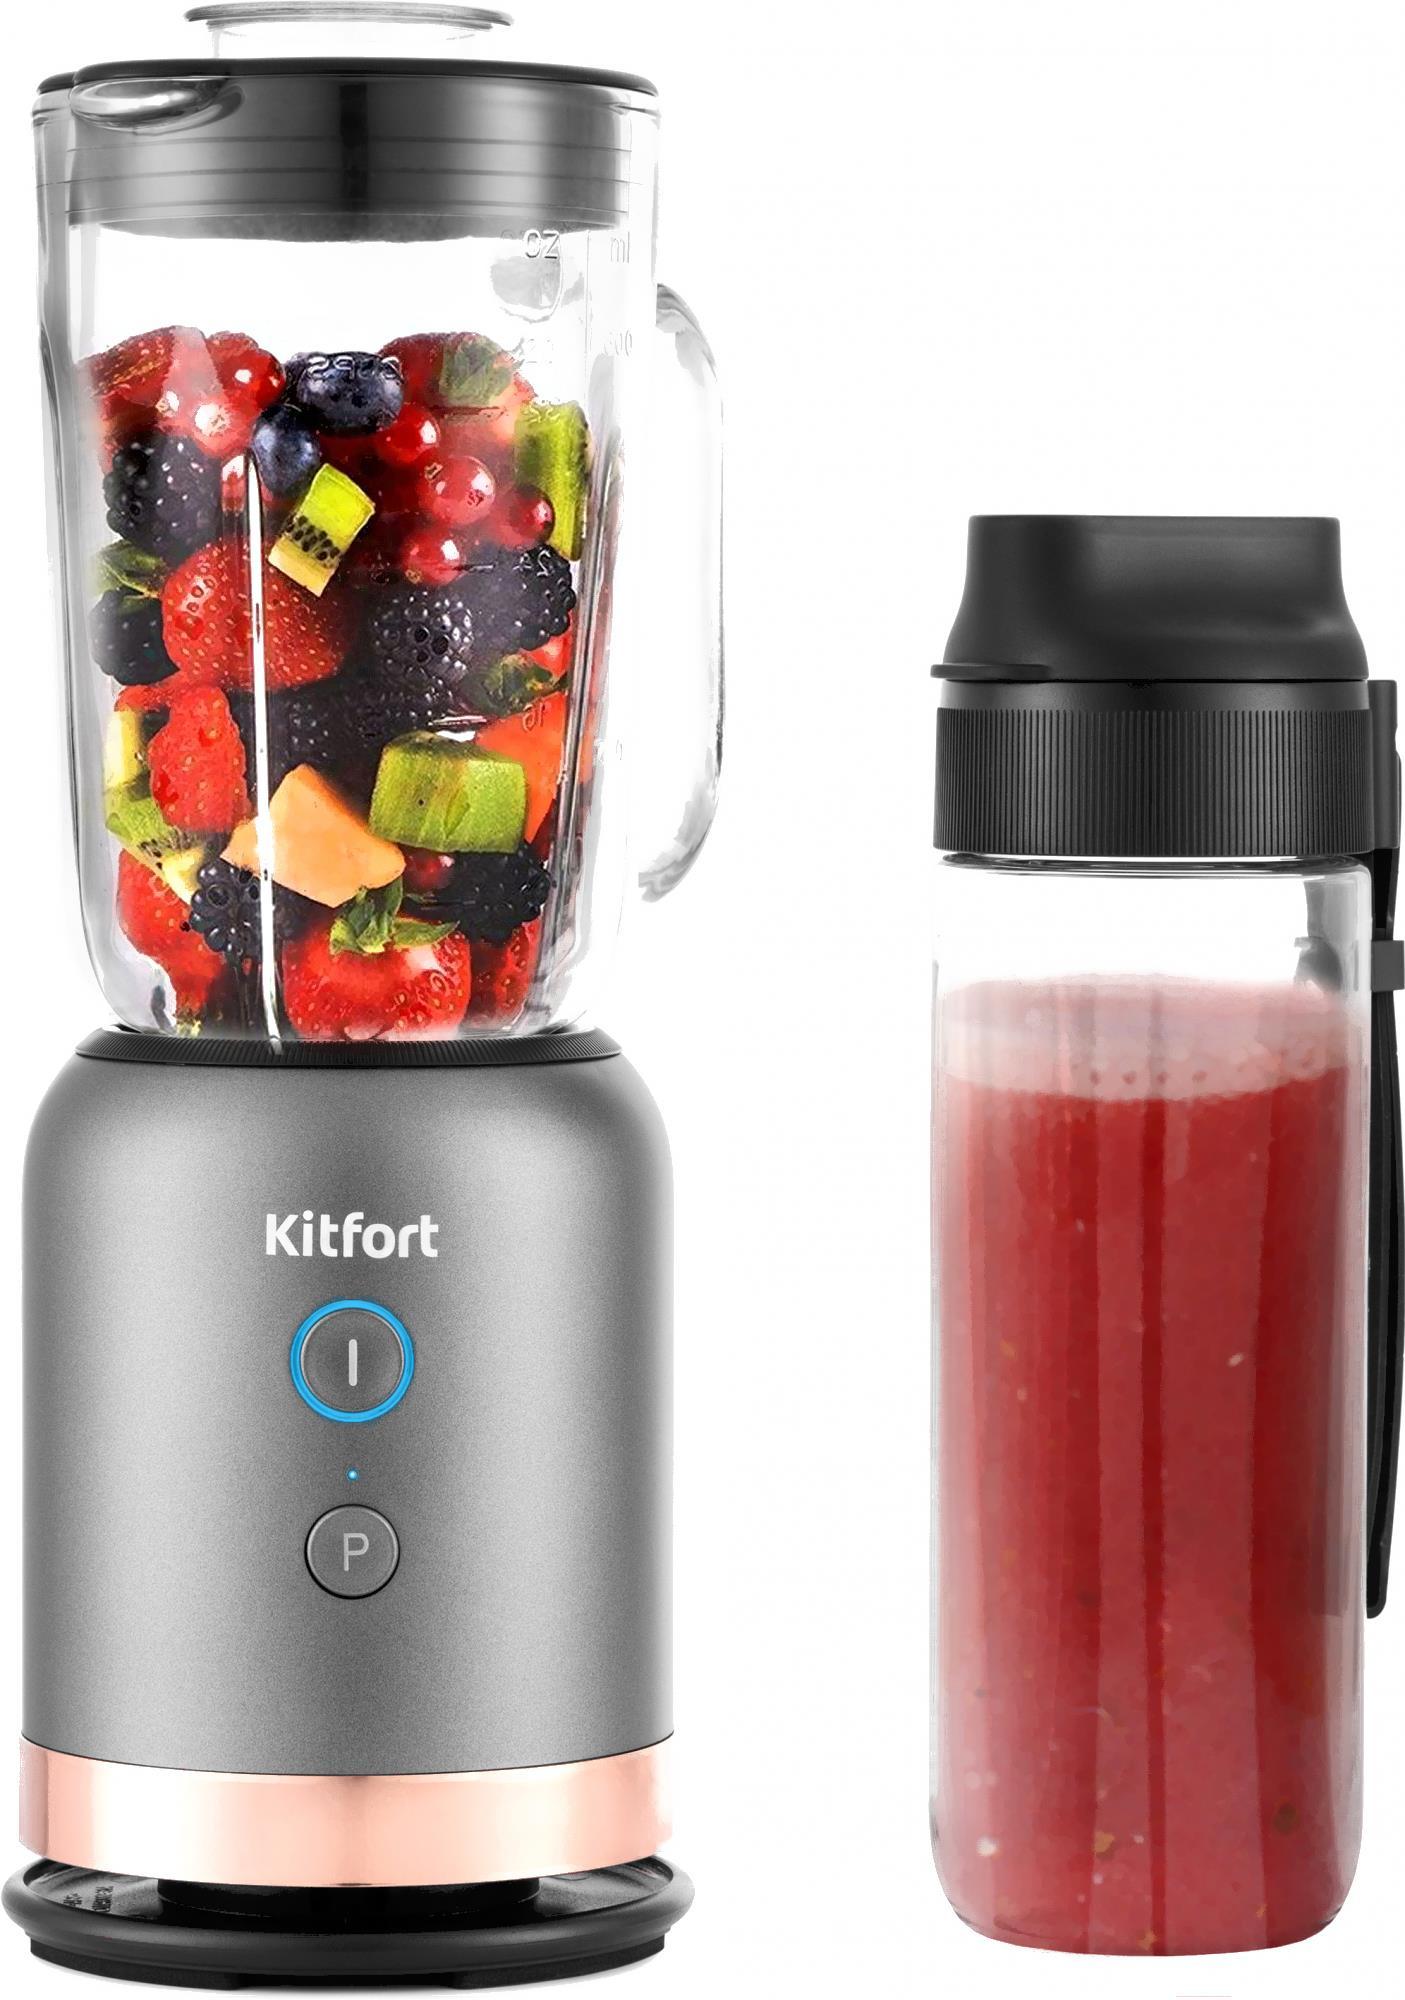 Kitfort KT-1368